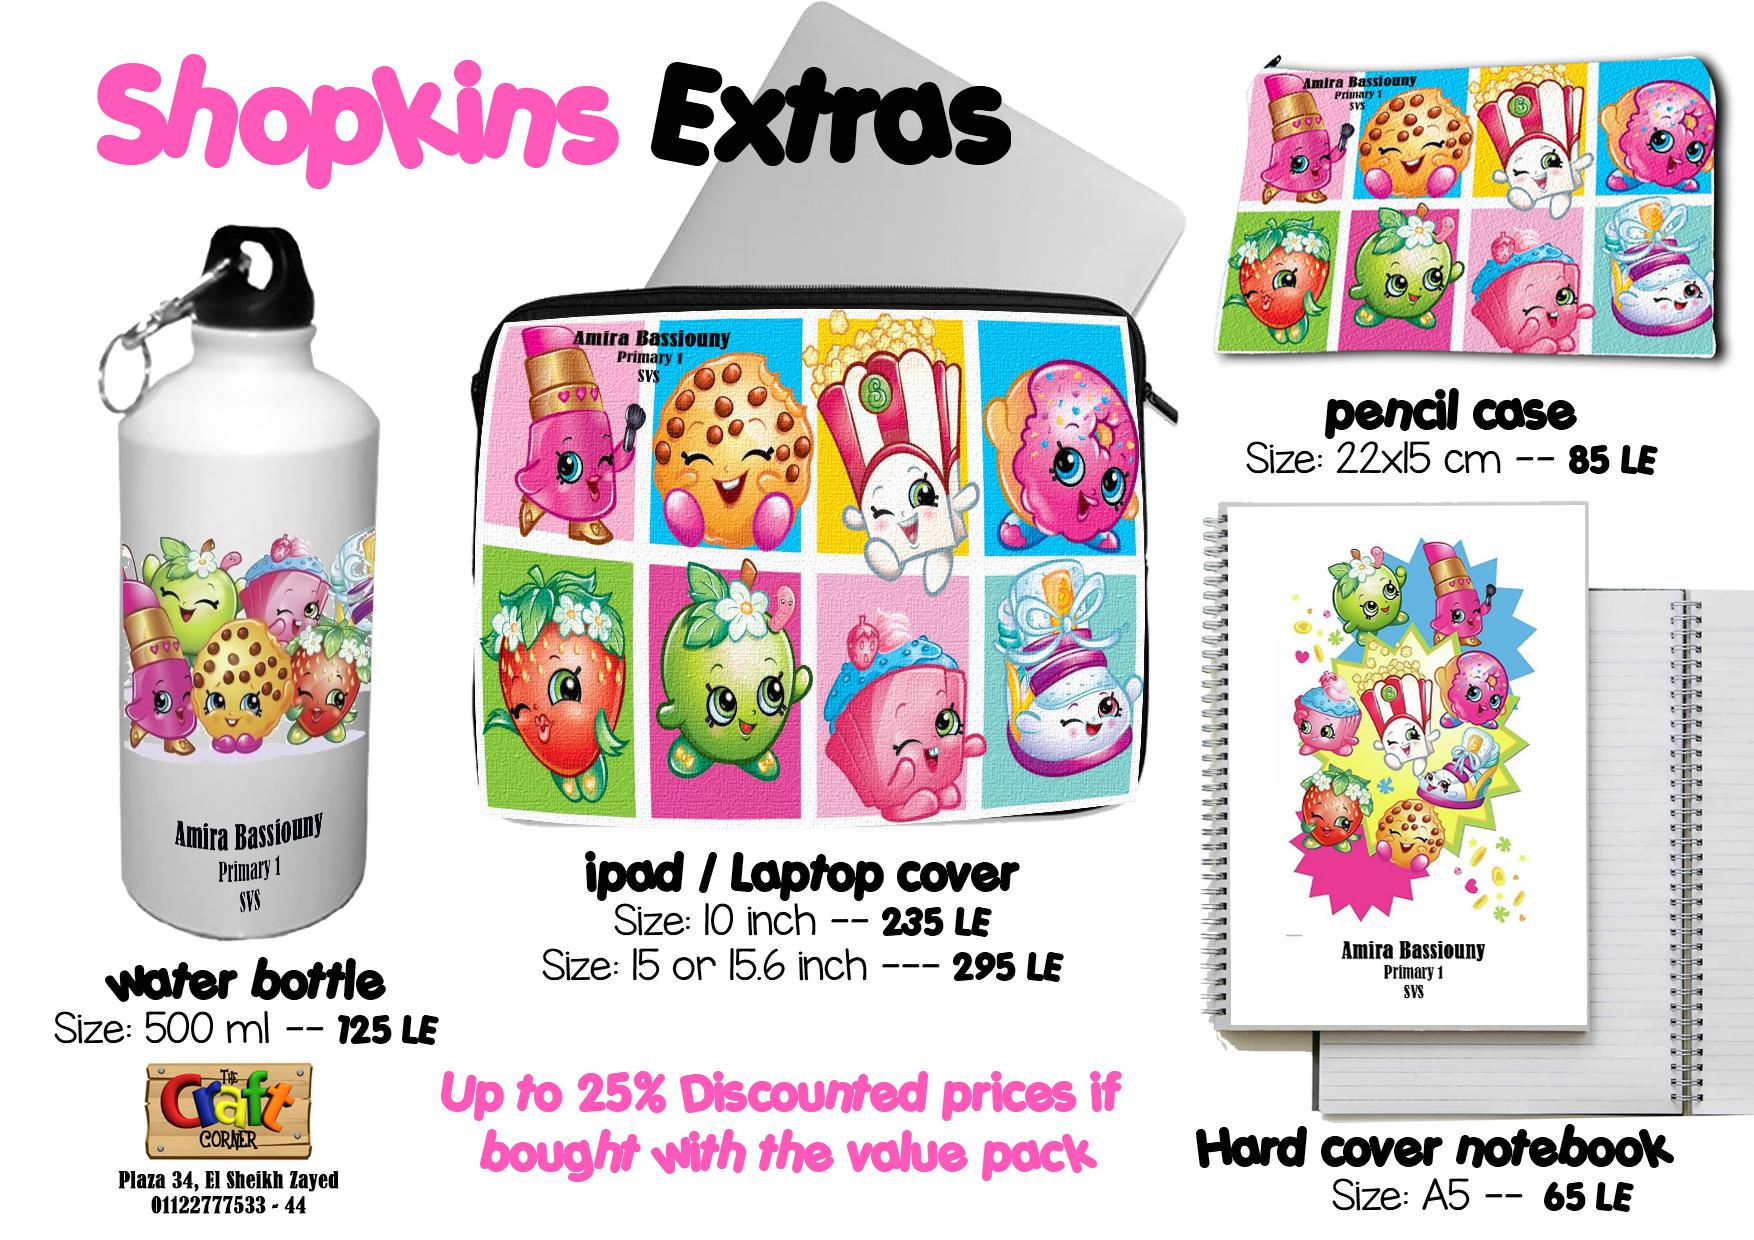 shopkins Extras